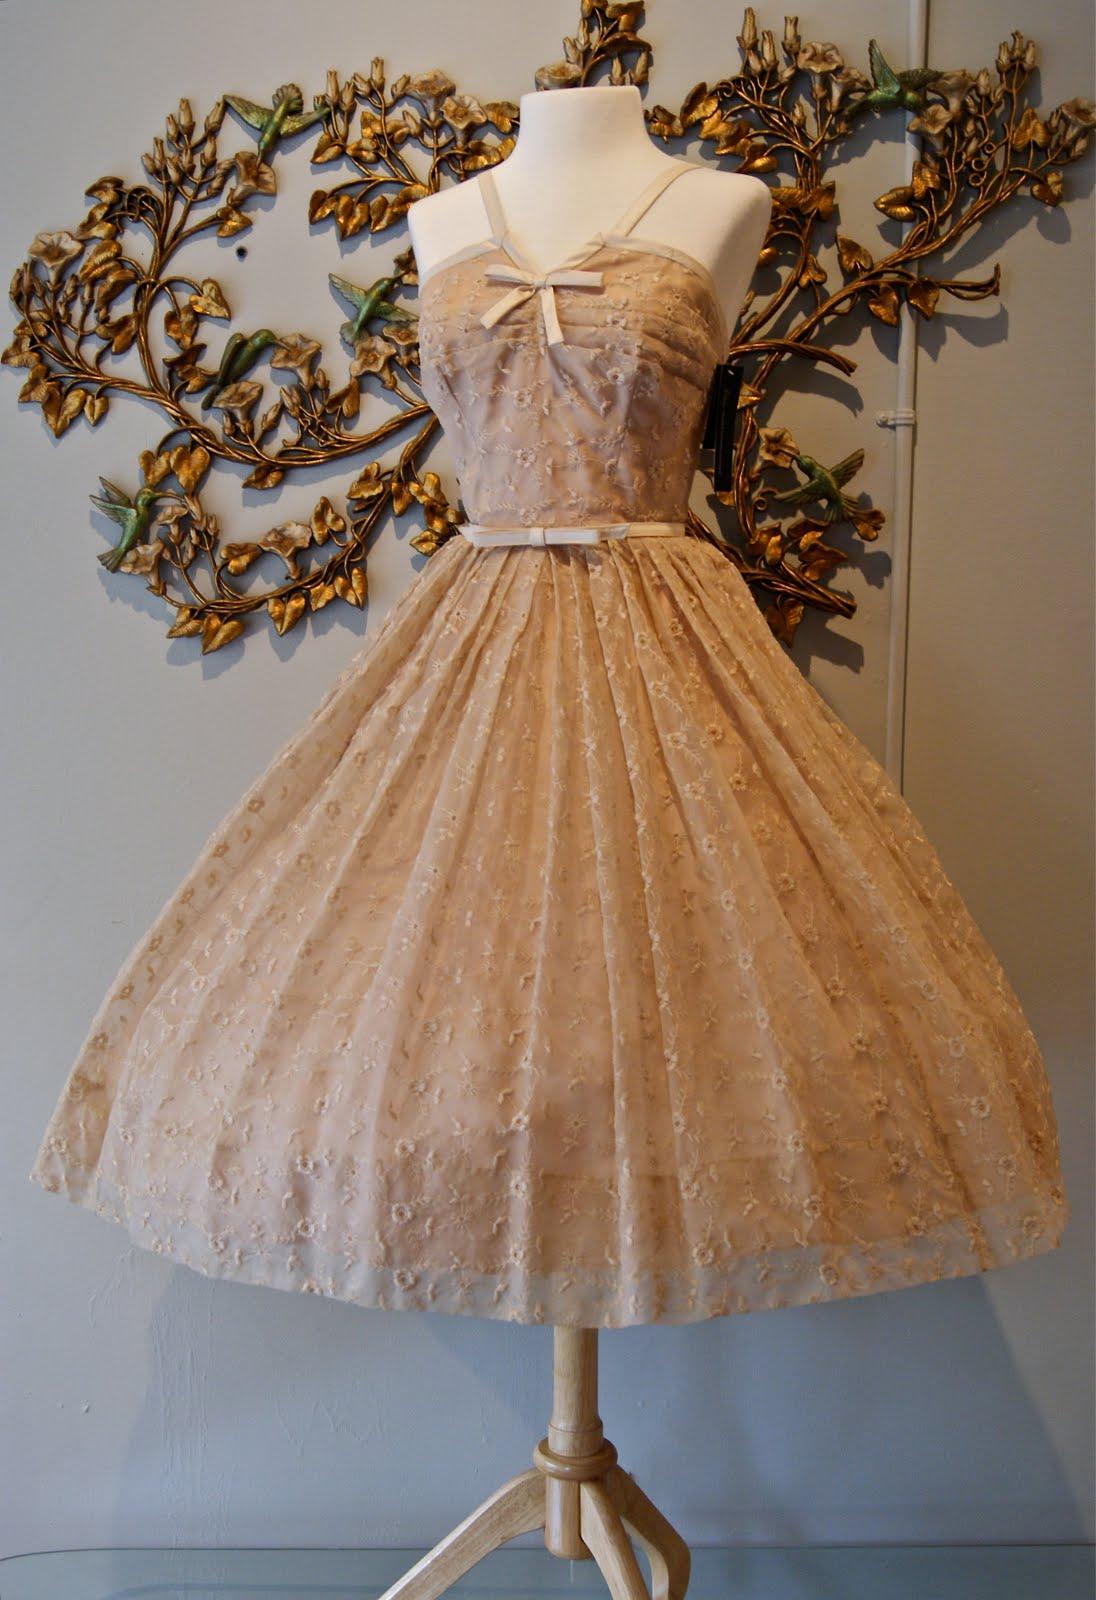 Vintage Wedding Dresses Bath : Vintage wedding dresses in paris france oops i meant portland